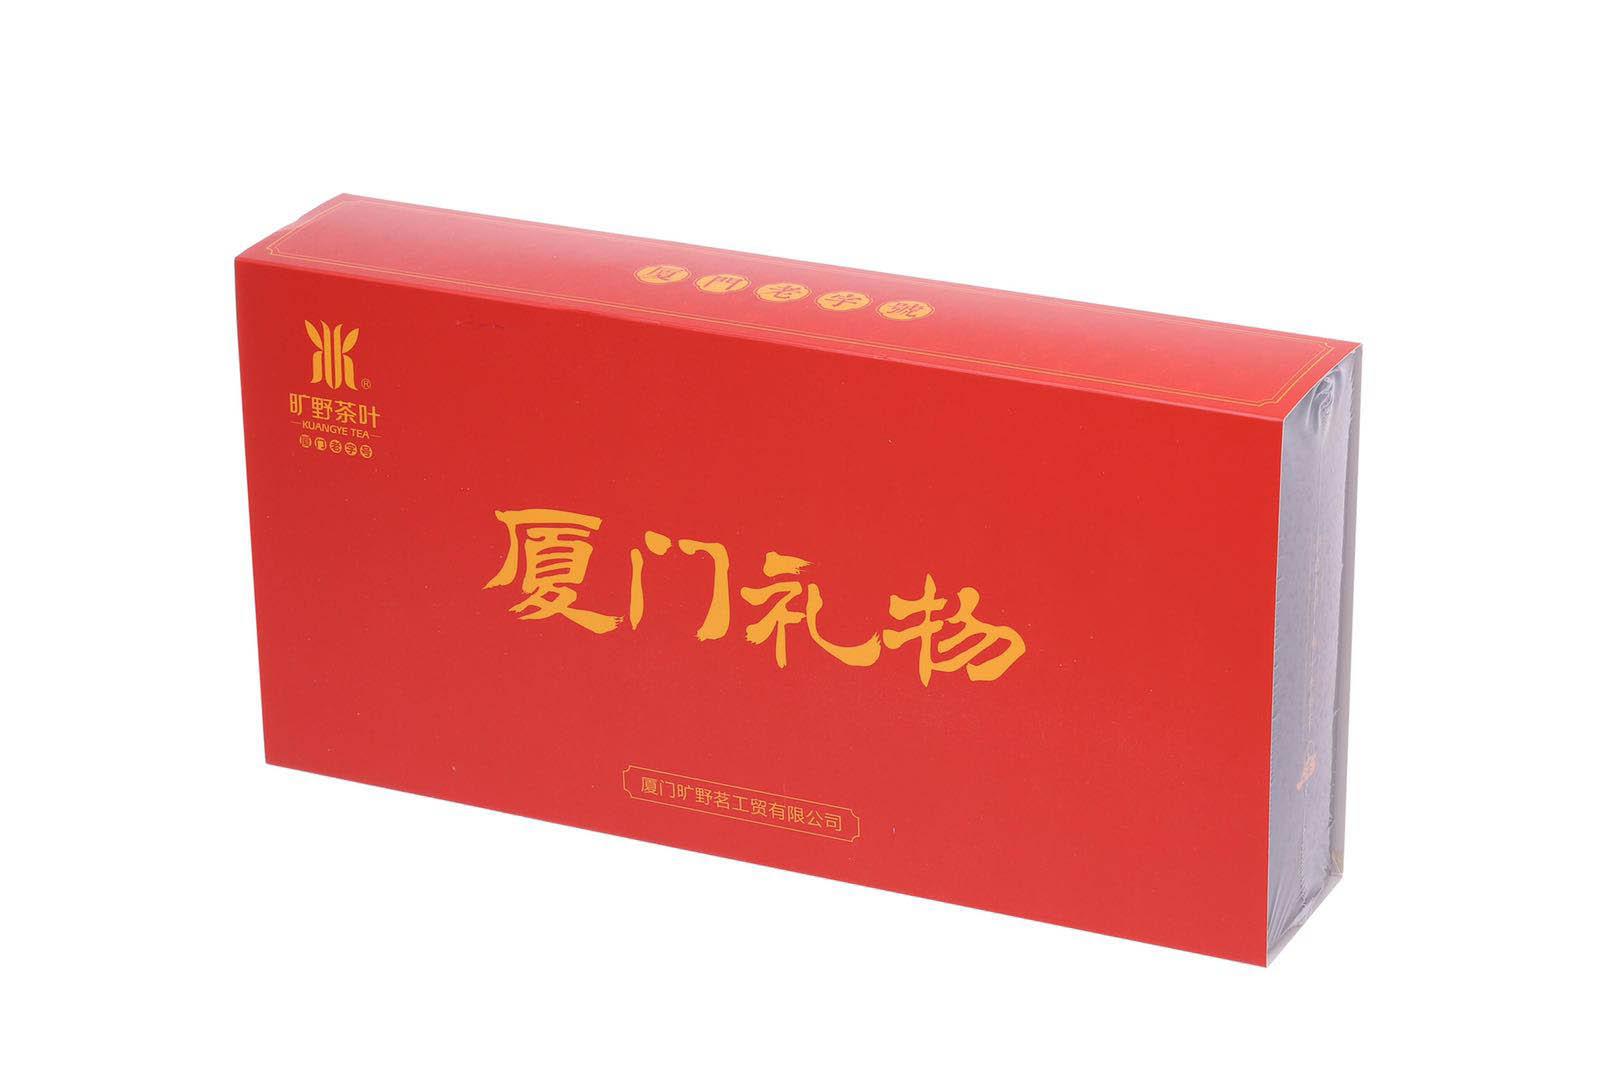 武夷山大红袍茶叶伴手礼,大红袍